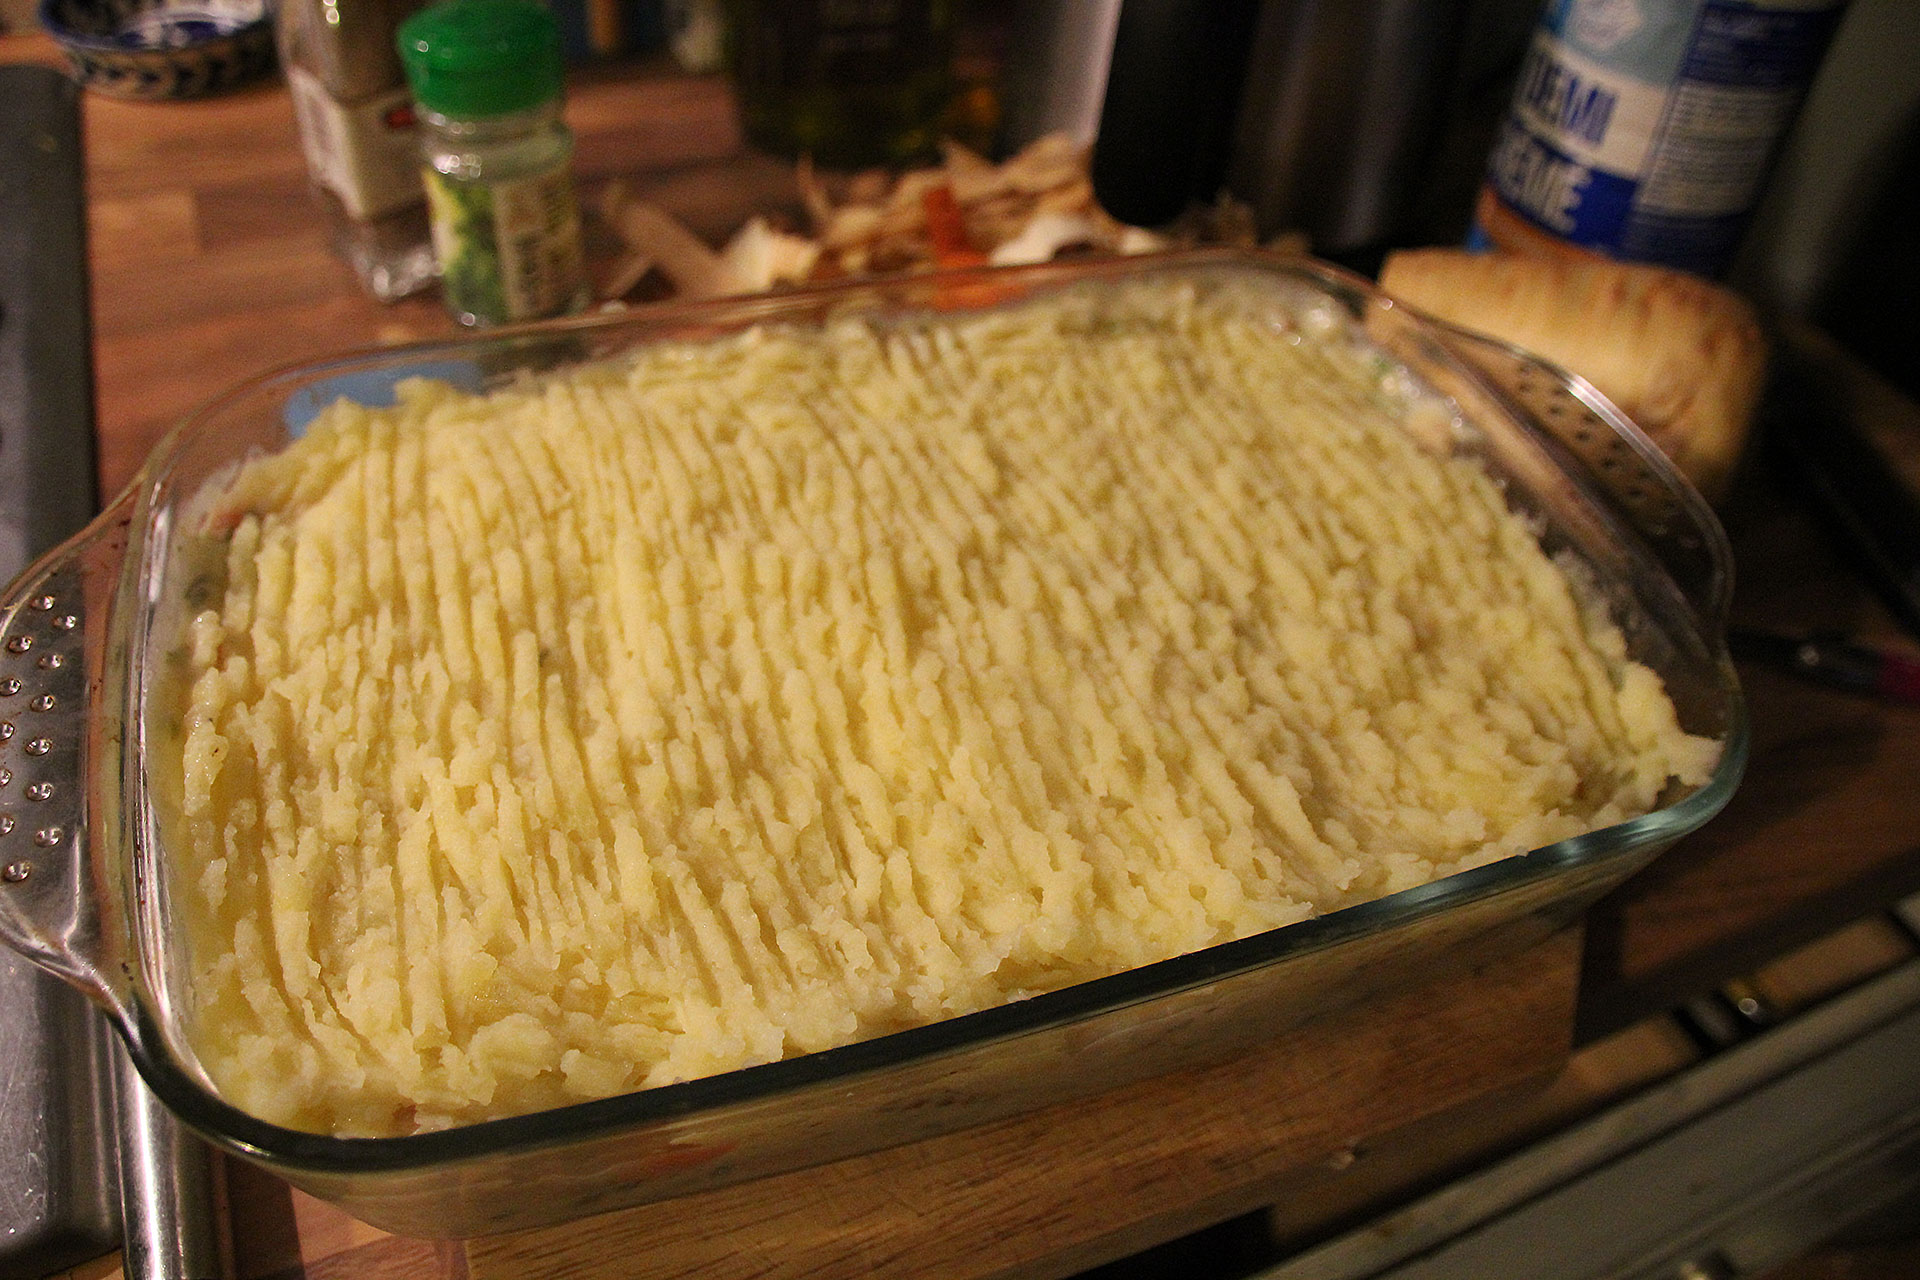 Uncooked fish pie